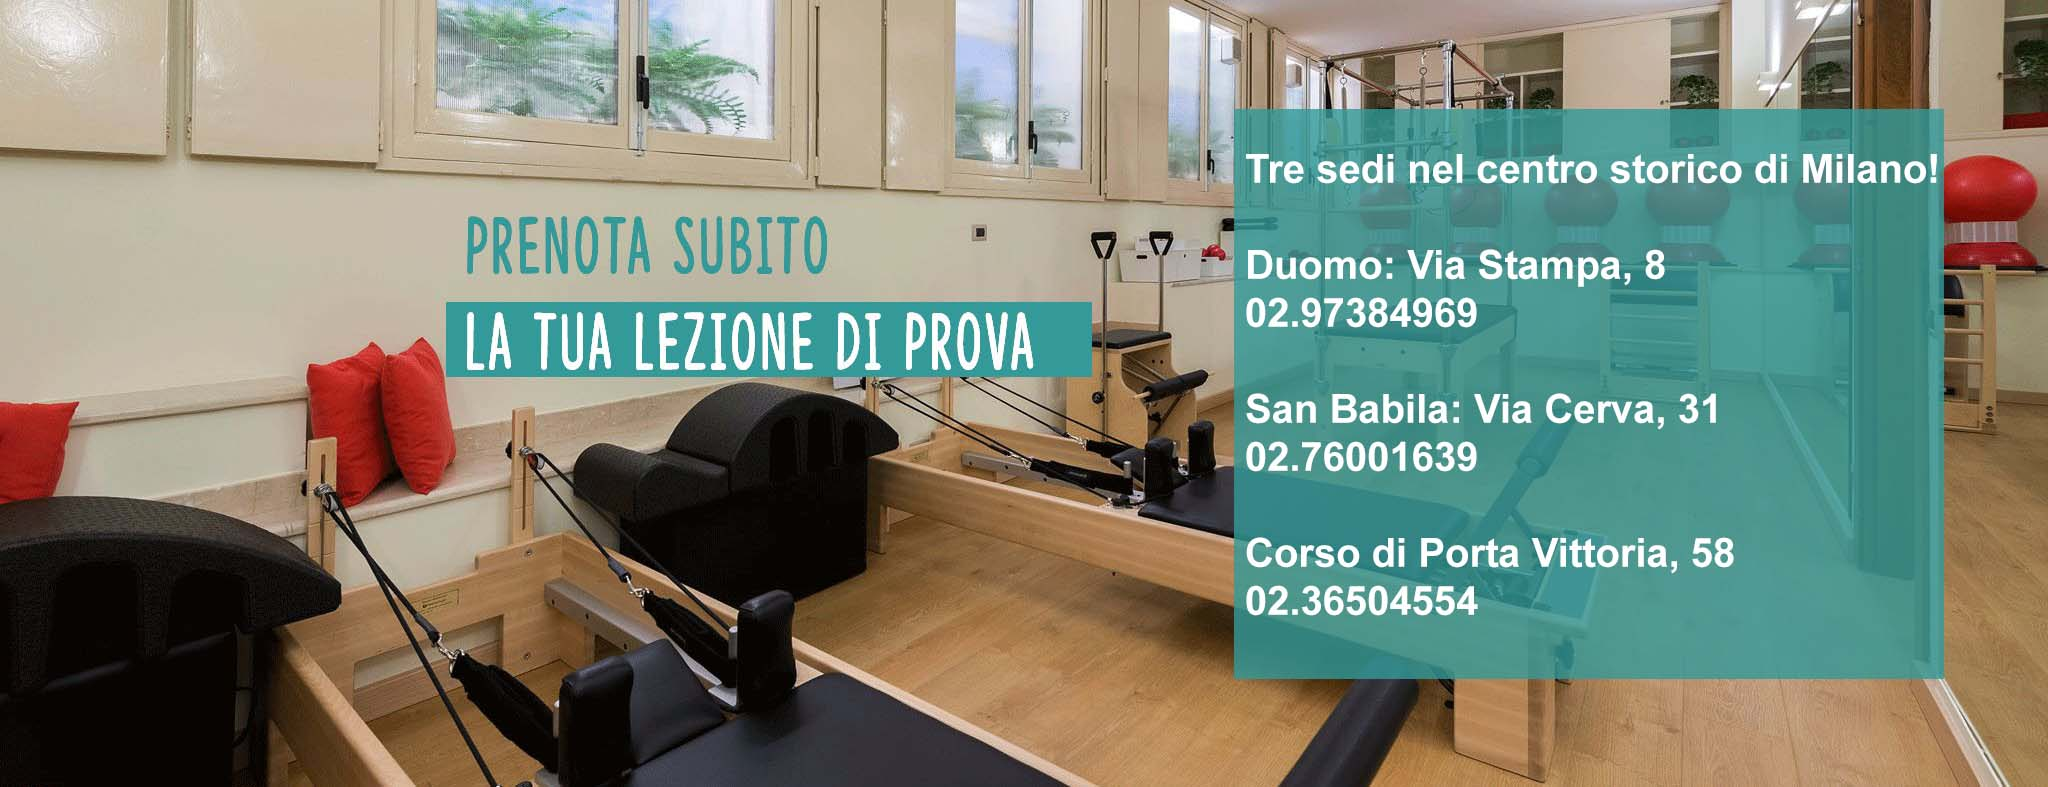 Lezioni Pilates Via Stromboli Milano - Prenota subito la tua lezione di prova